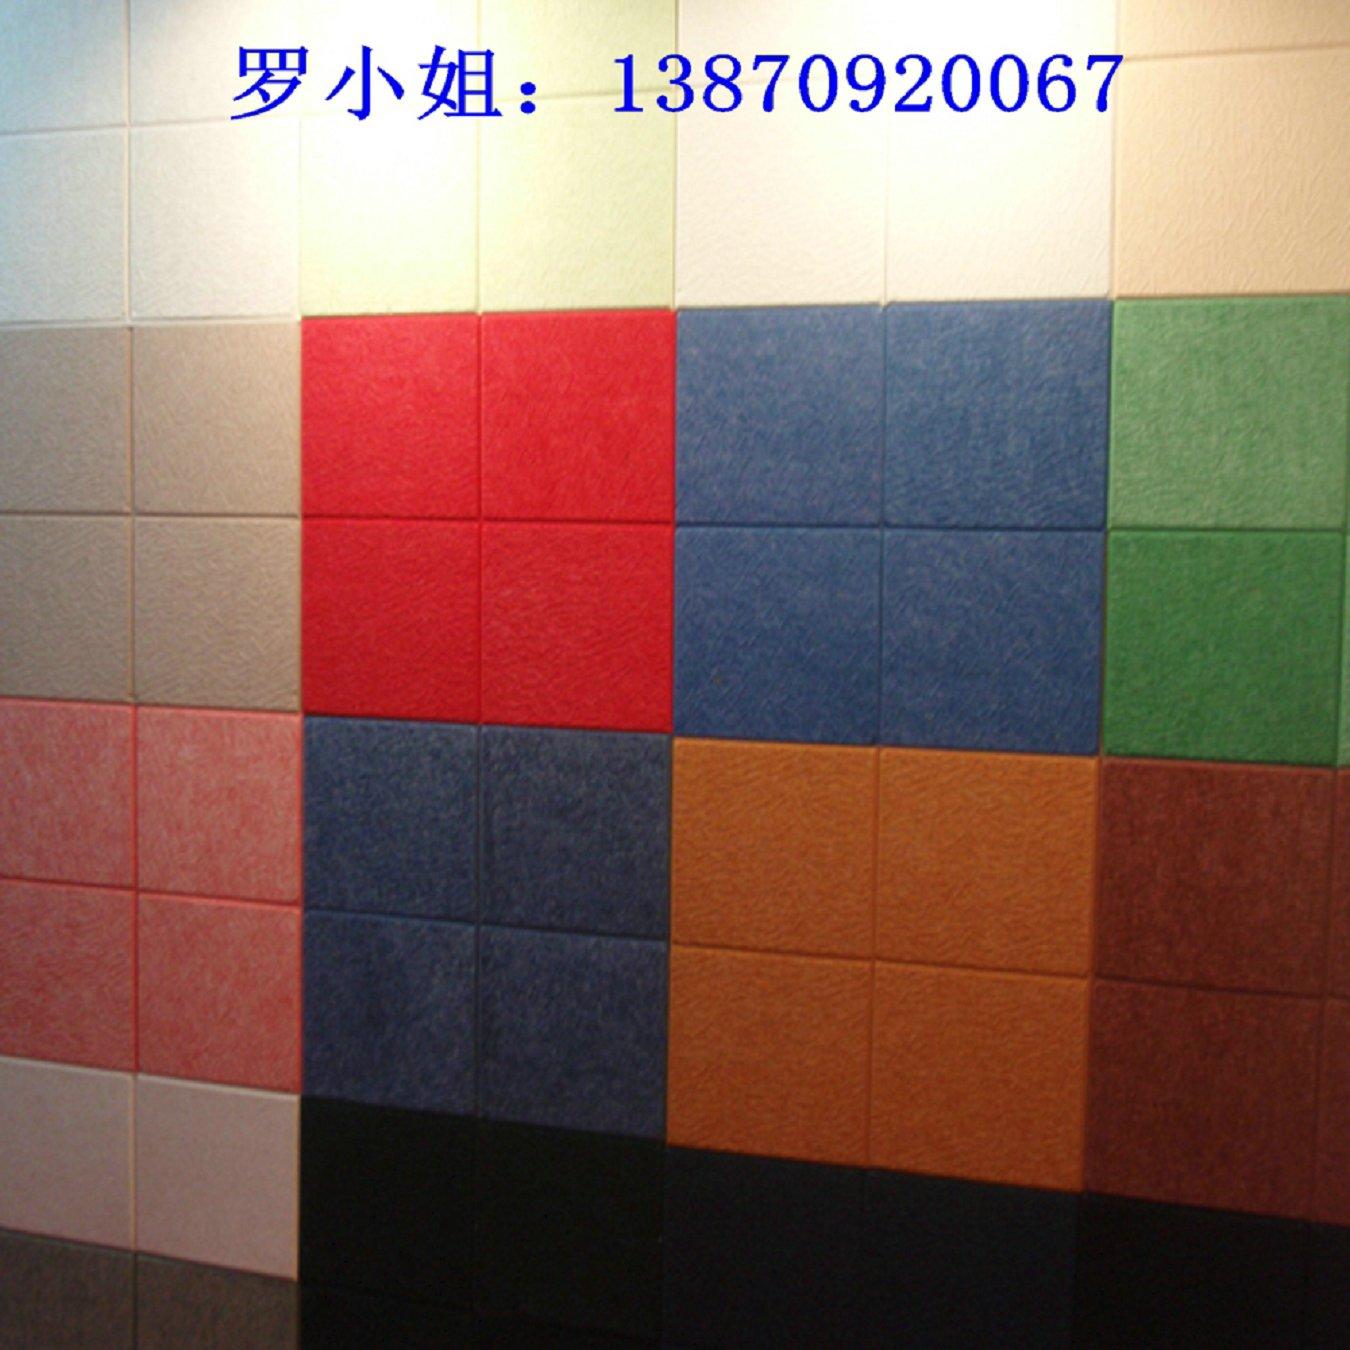 平坝县派出所审讯室防火阻燃吸音材料,防火阻燃板